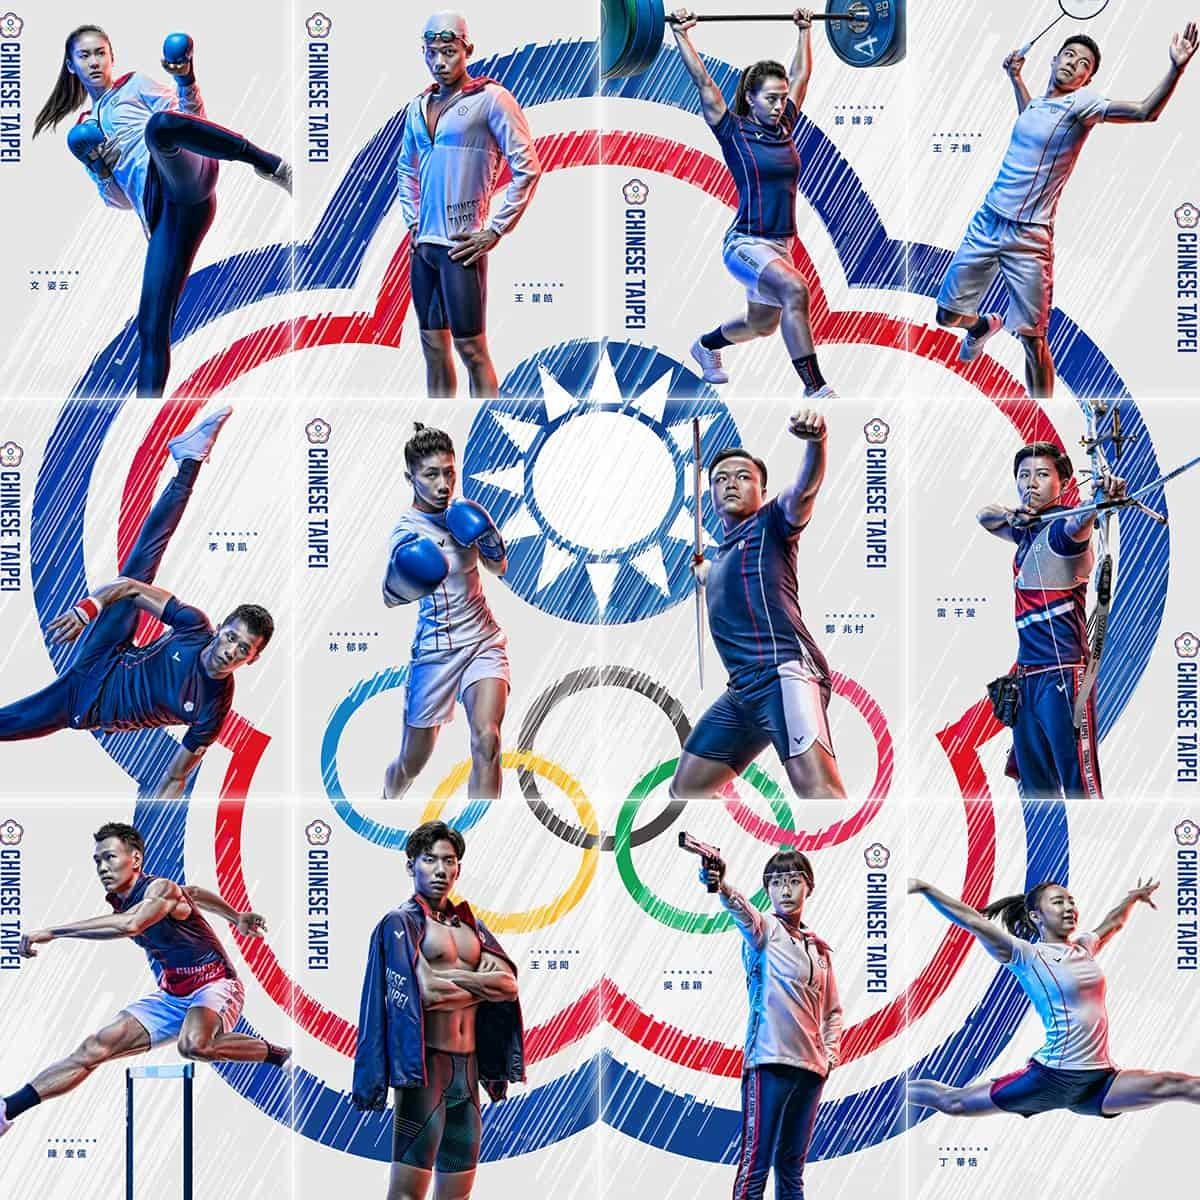 2021東京奧運為國爭光的奧運選手們。